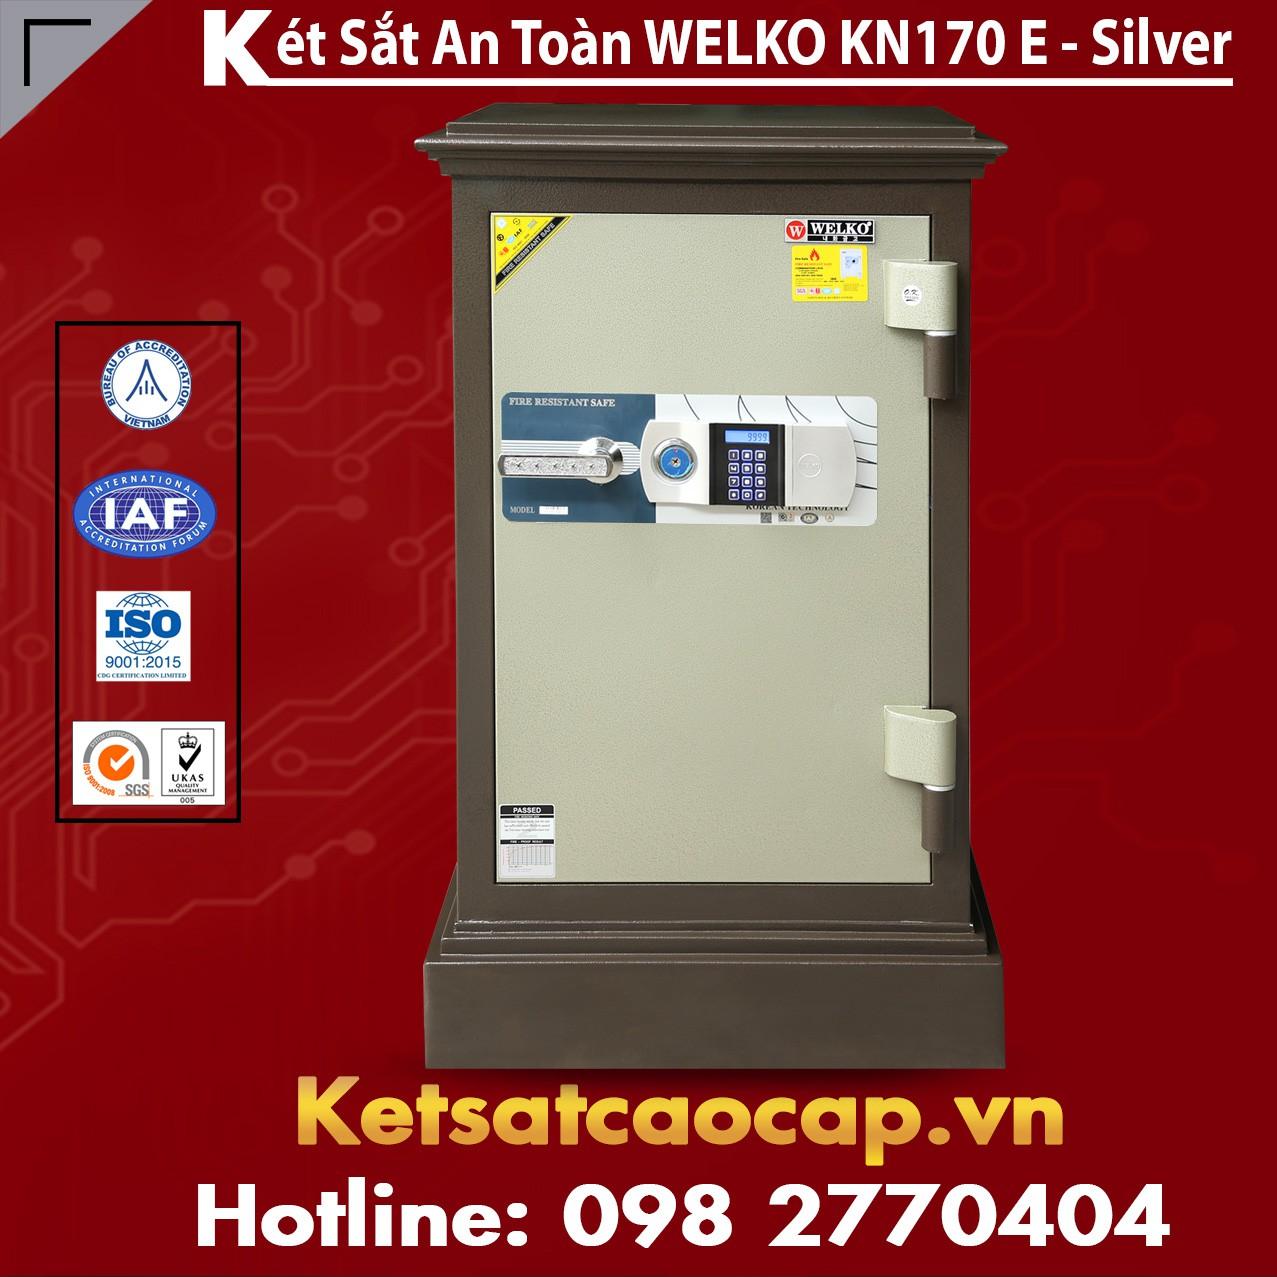 Két Sắt Cao Cấp WELKO KN170 Brown - E Silver